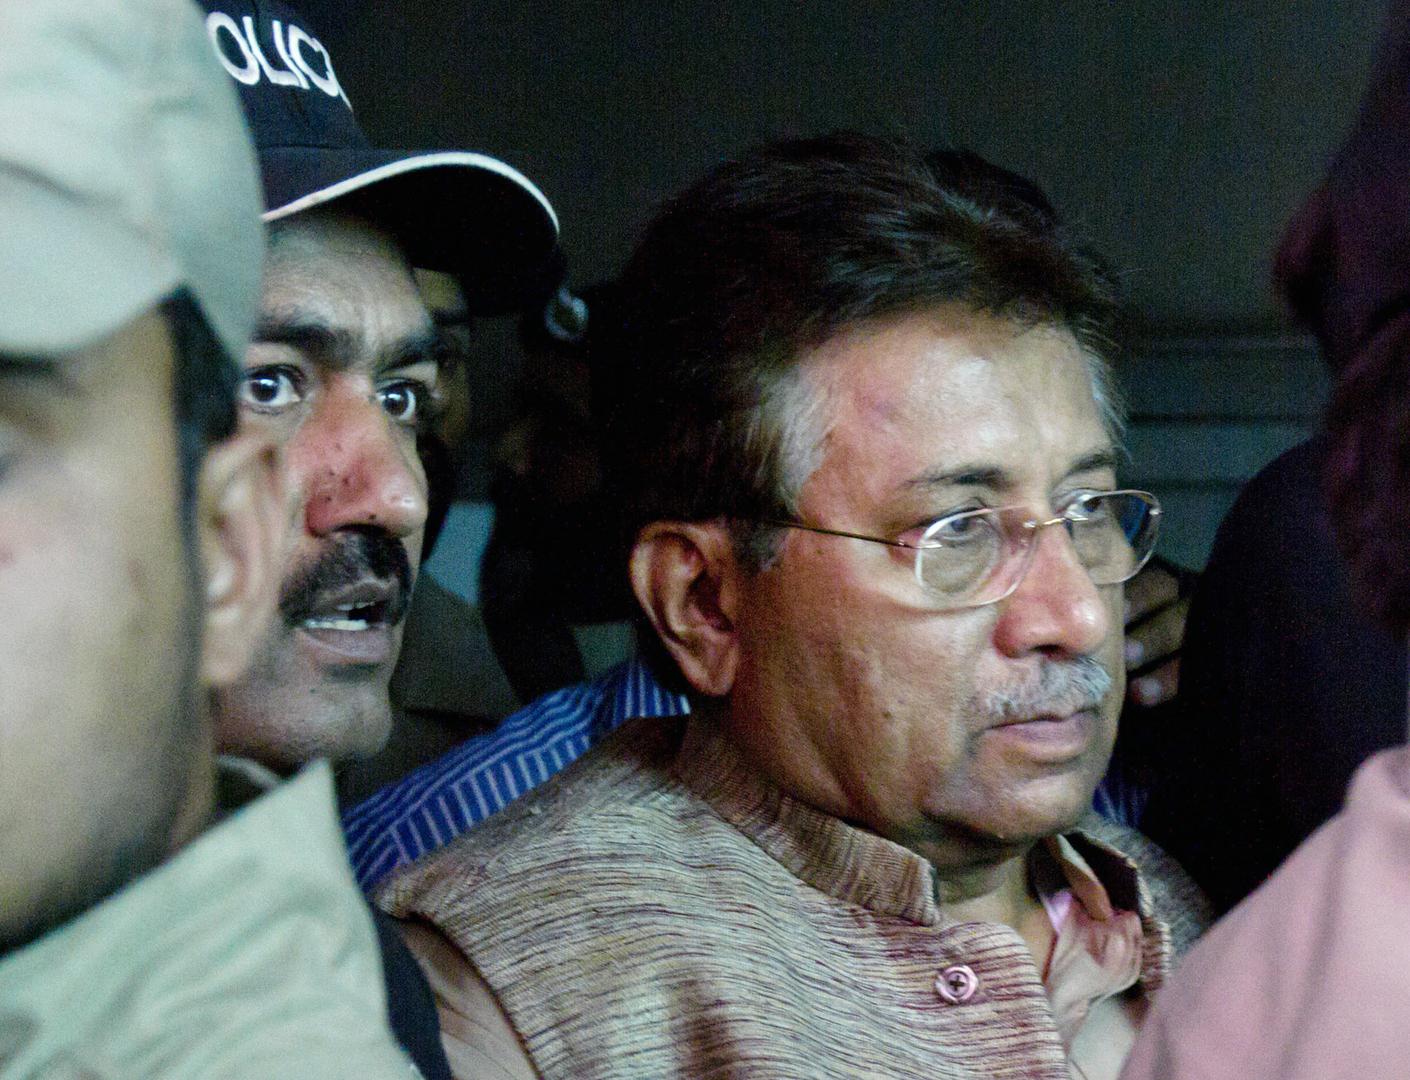 الحكم بالإعدام على الرئيس الباكستاني السابق برويز مشرف